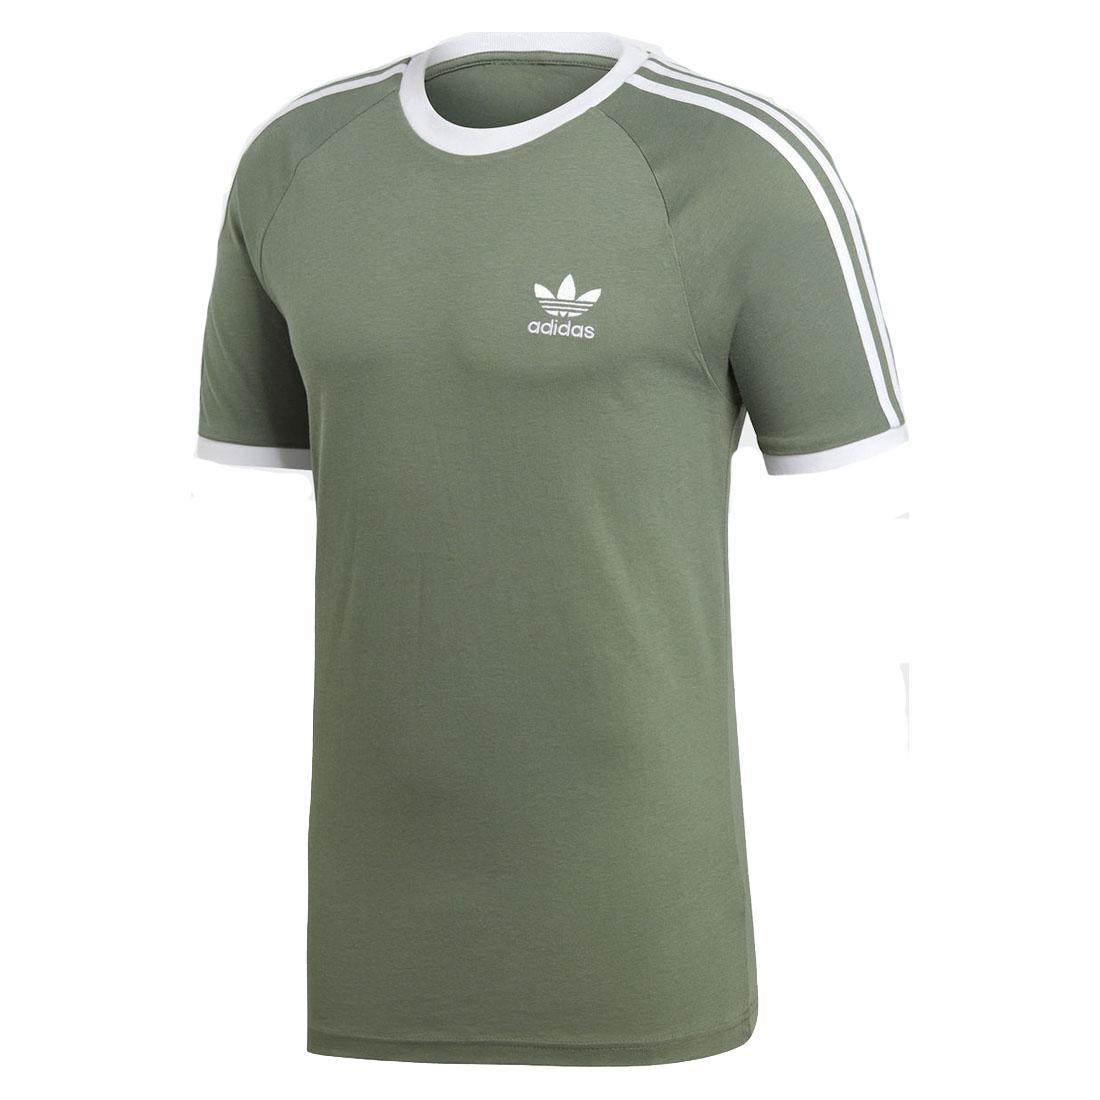 adidas Originals adicolor 3 Stripe California T Shirt Mens